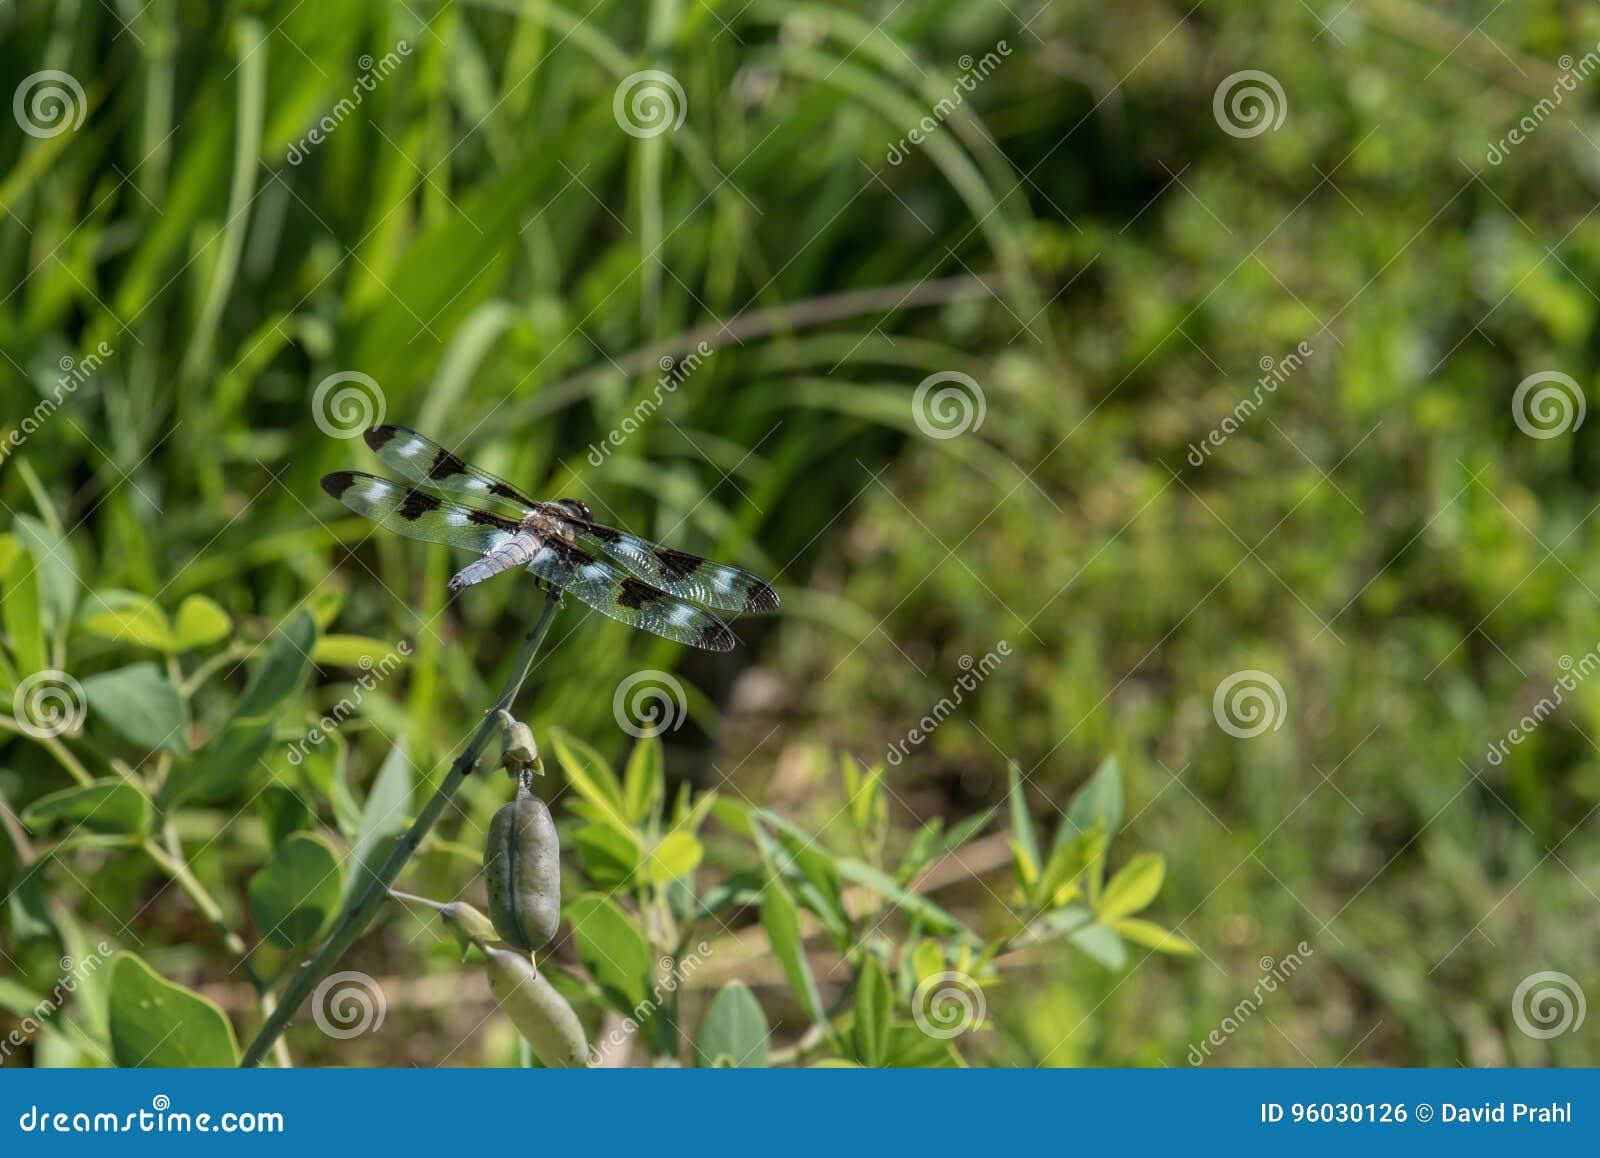 Dragonfly zbliżenie